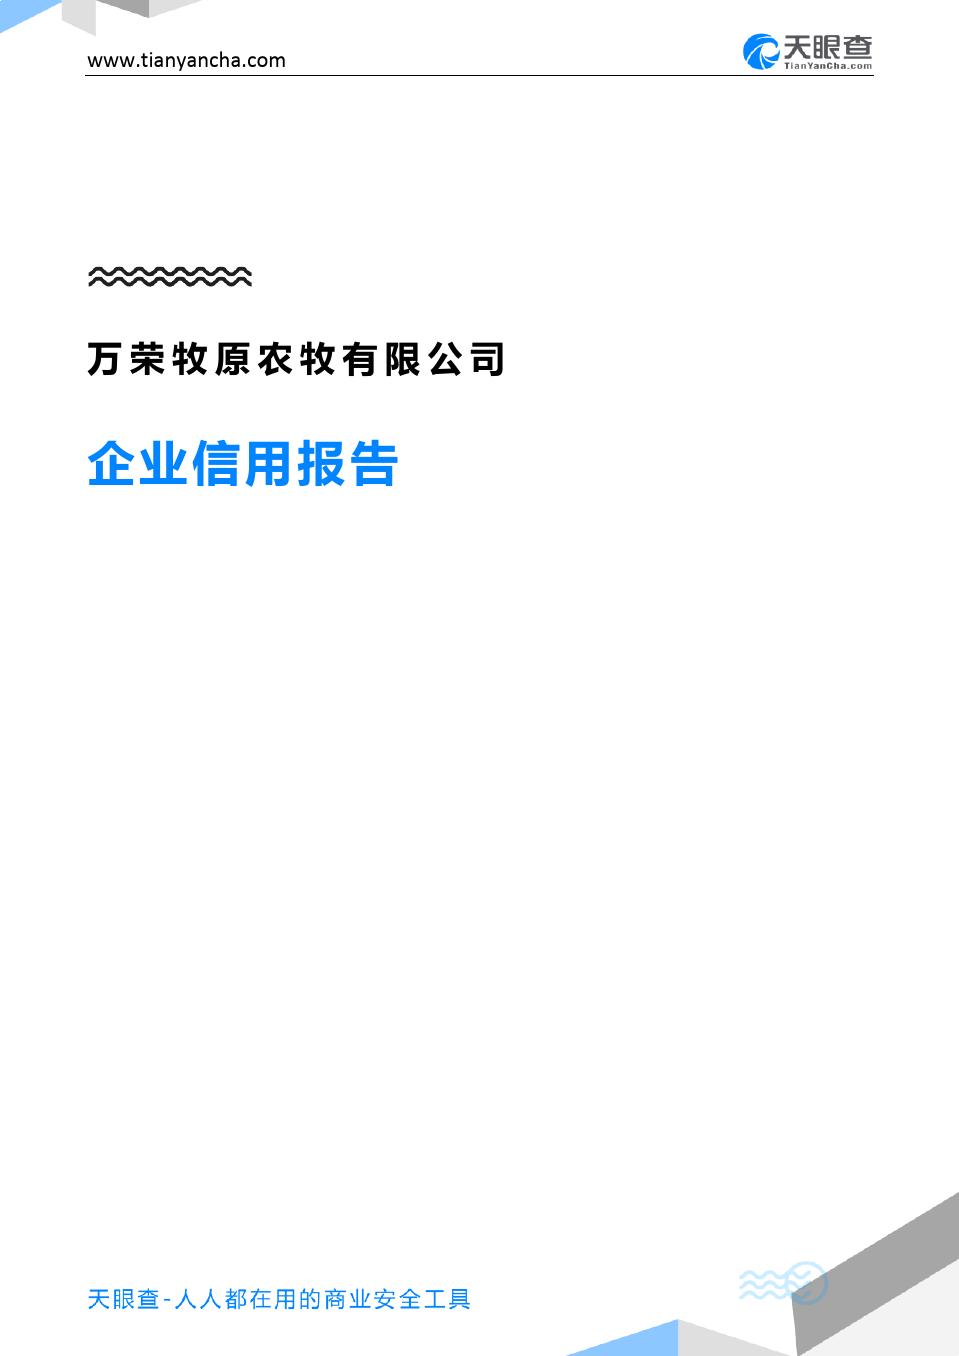 万荣牧原农牧有限公司(企业信用报告)- 天眼查